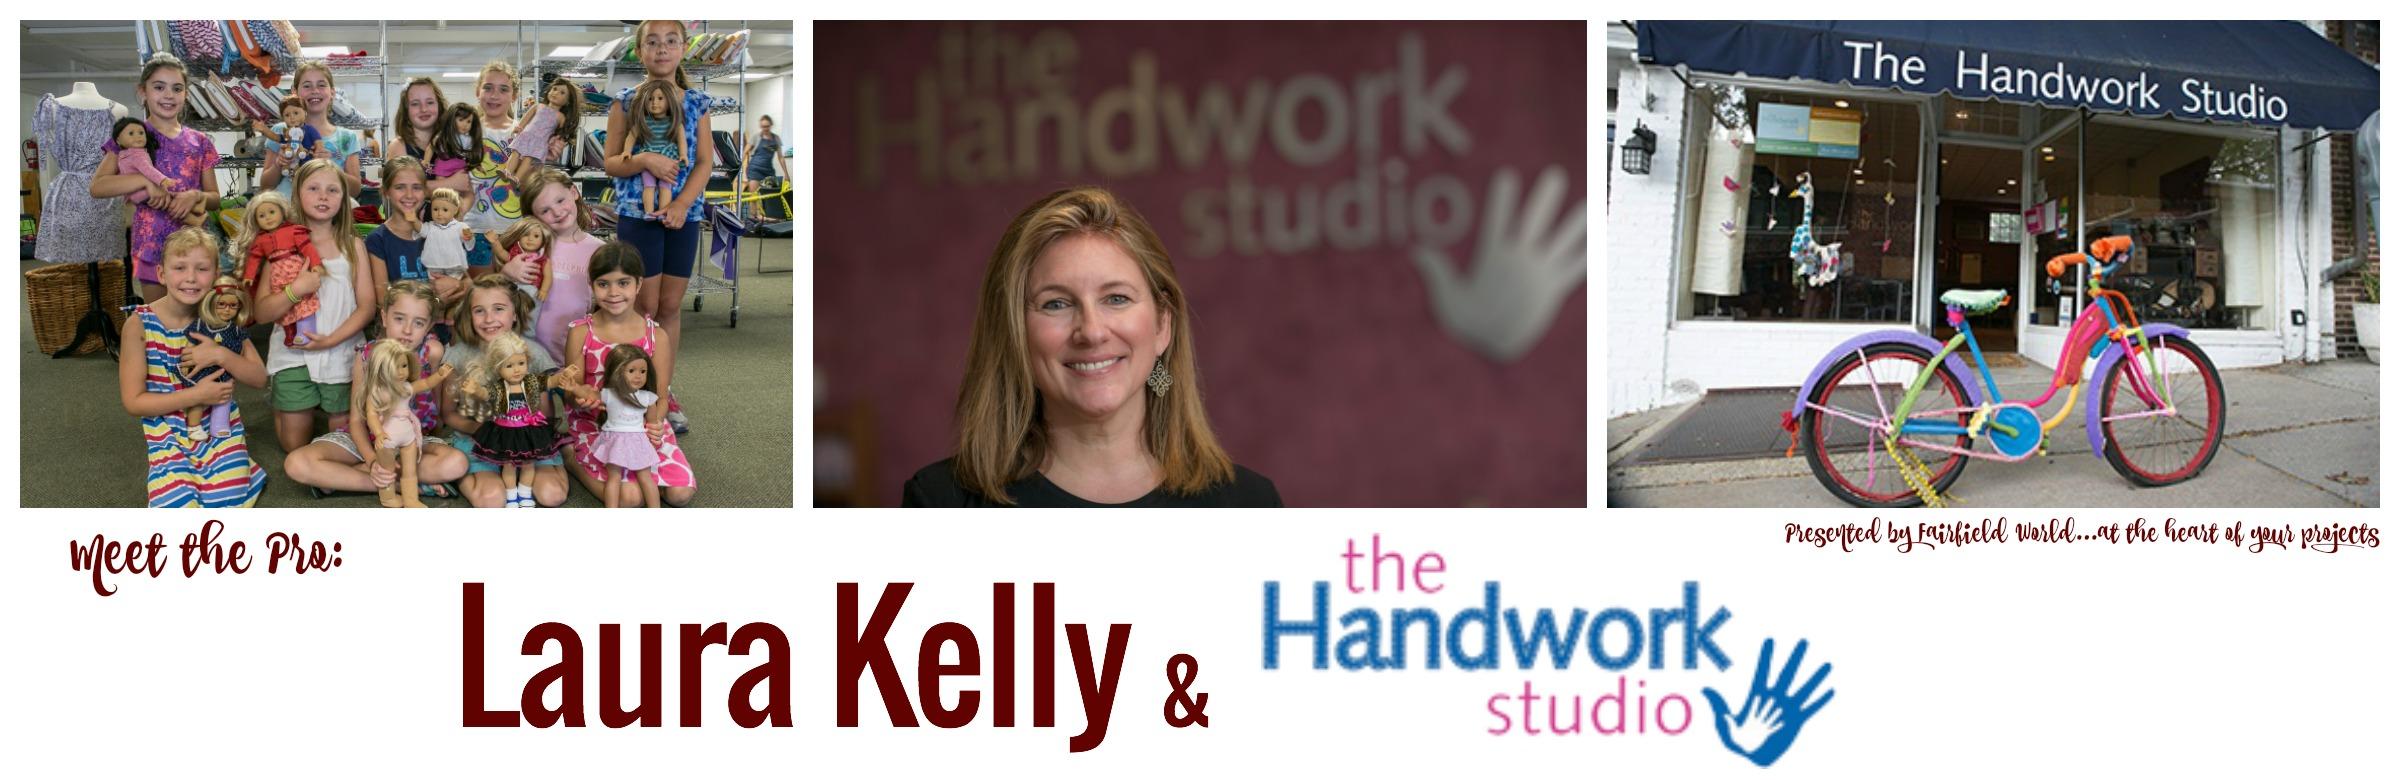 Handwork Studio